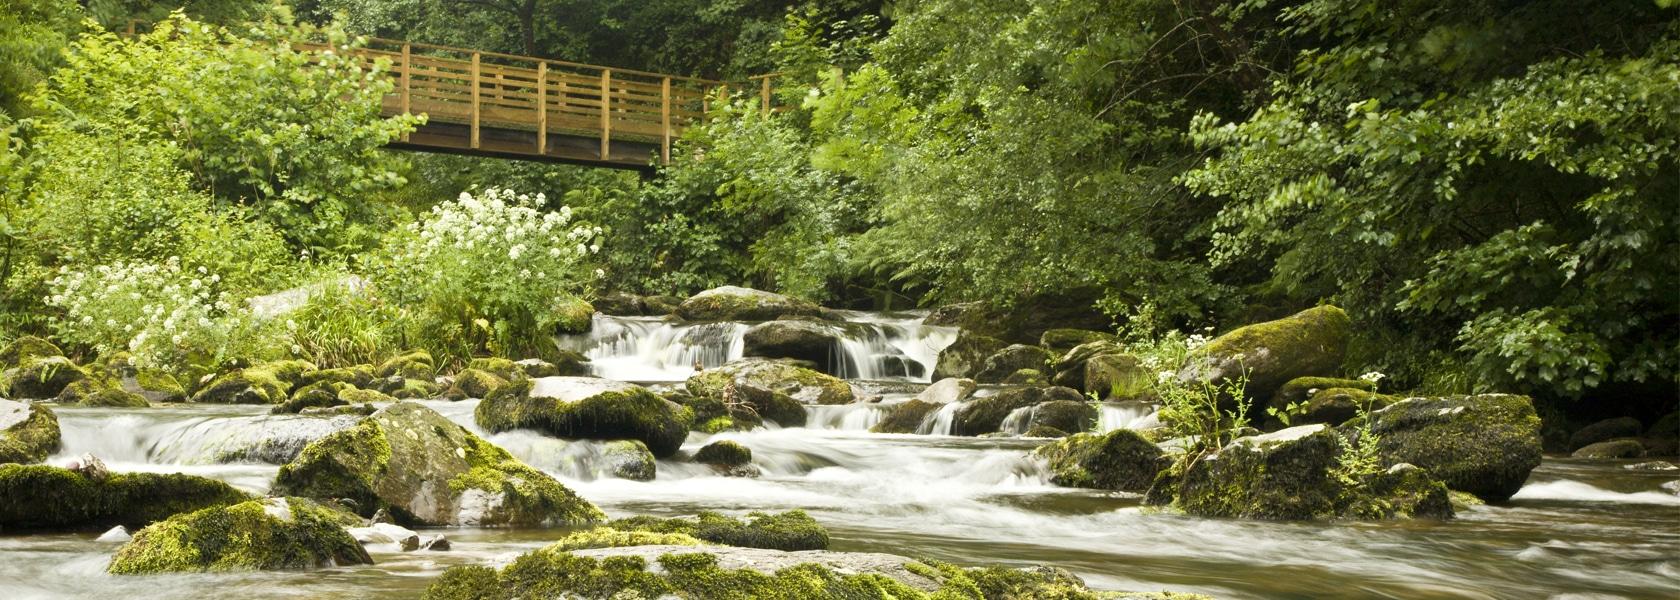 Watersmeet_Lynmouth_Bridge_1680px